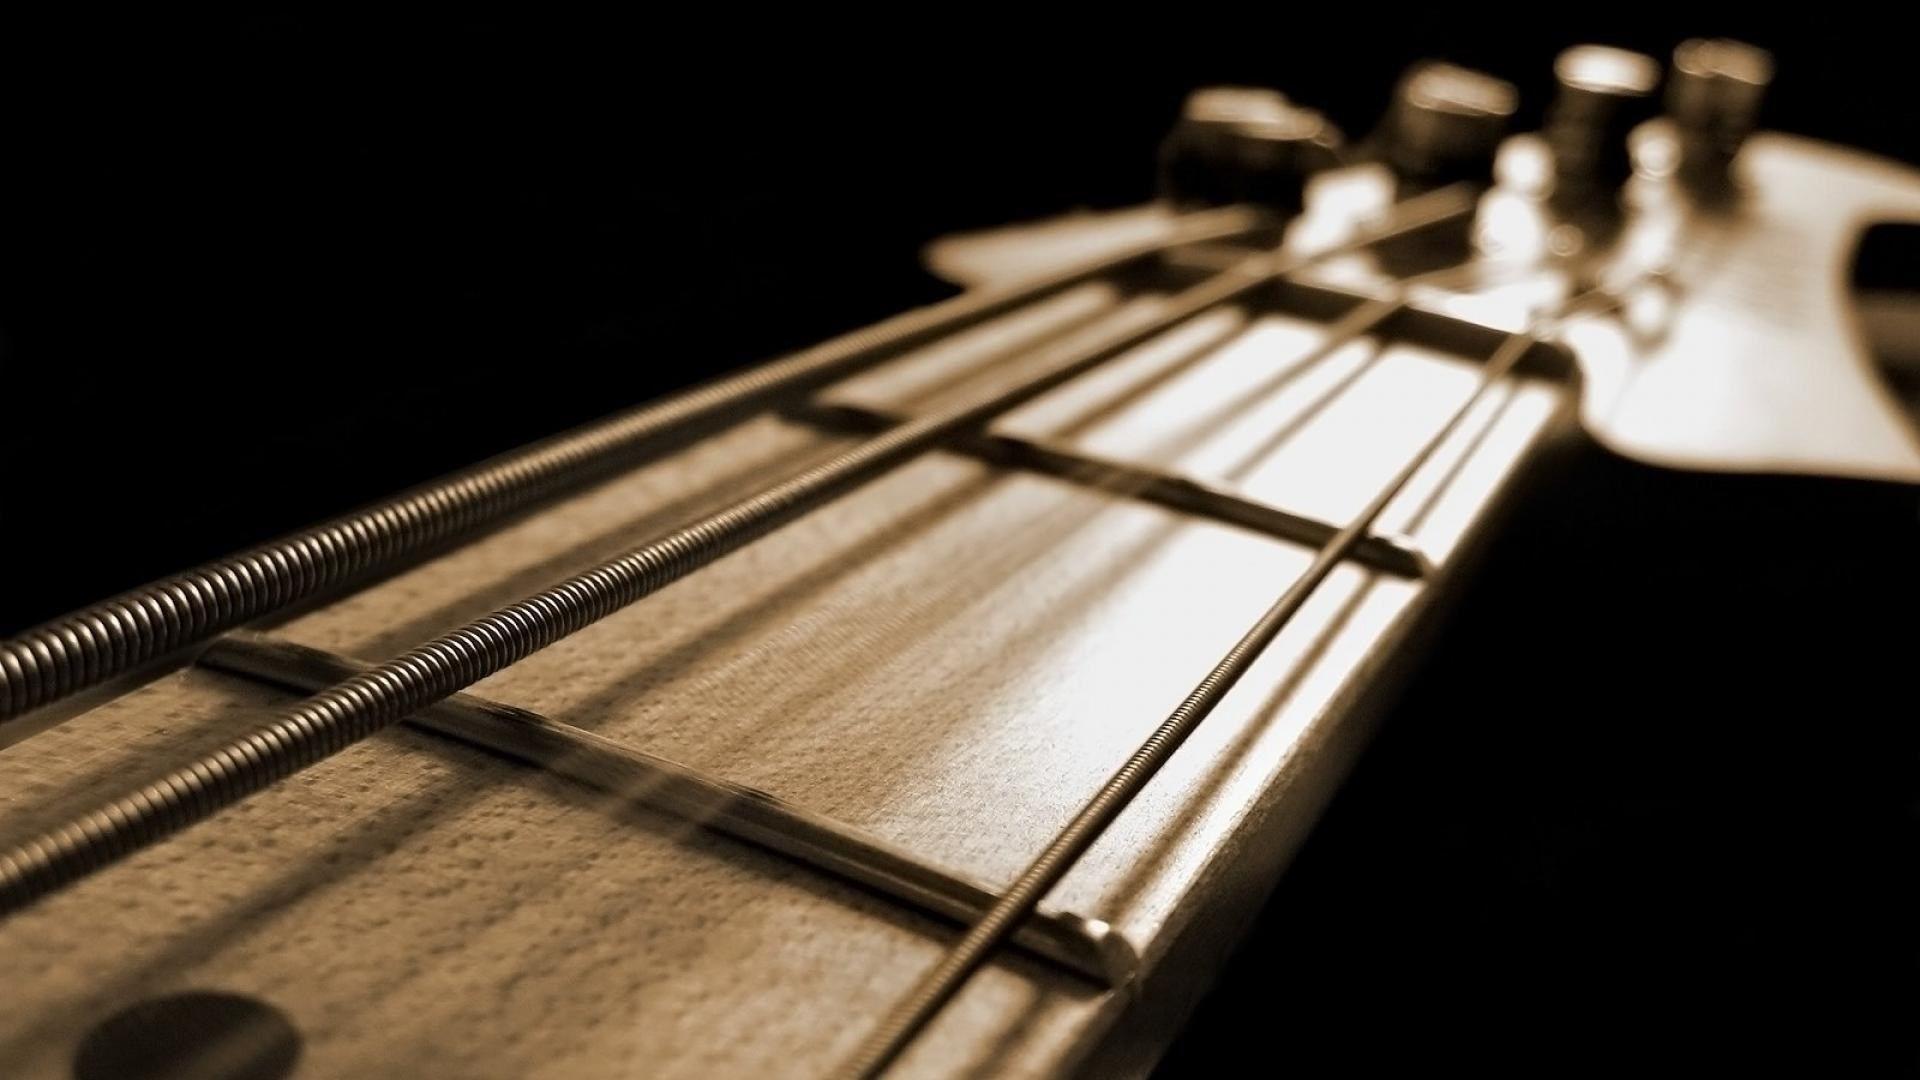 bass guitar wallpapers o oshenka pinterest bass guitars